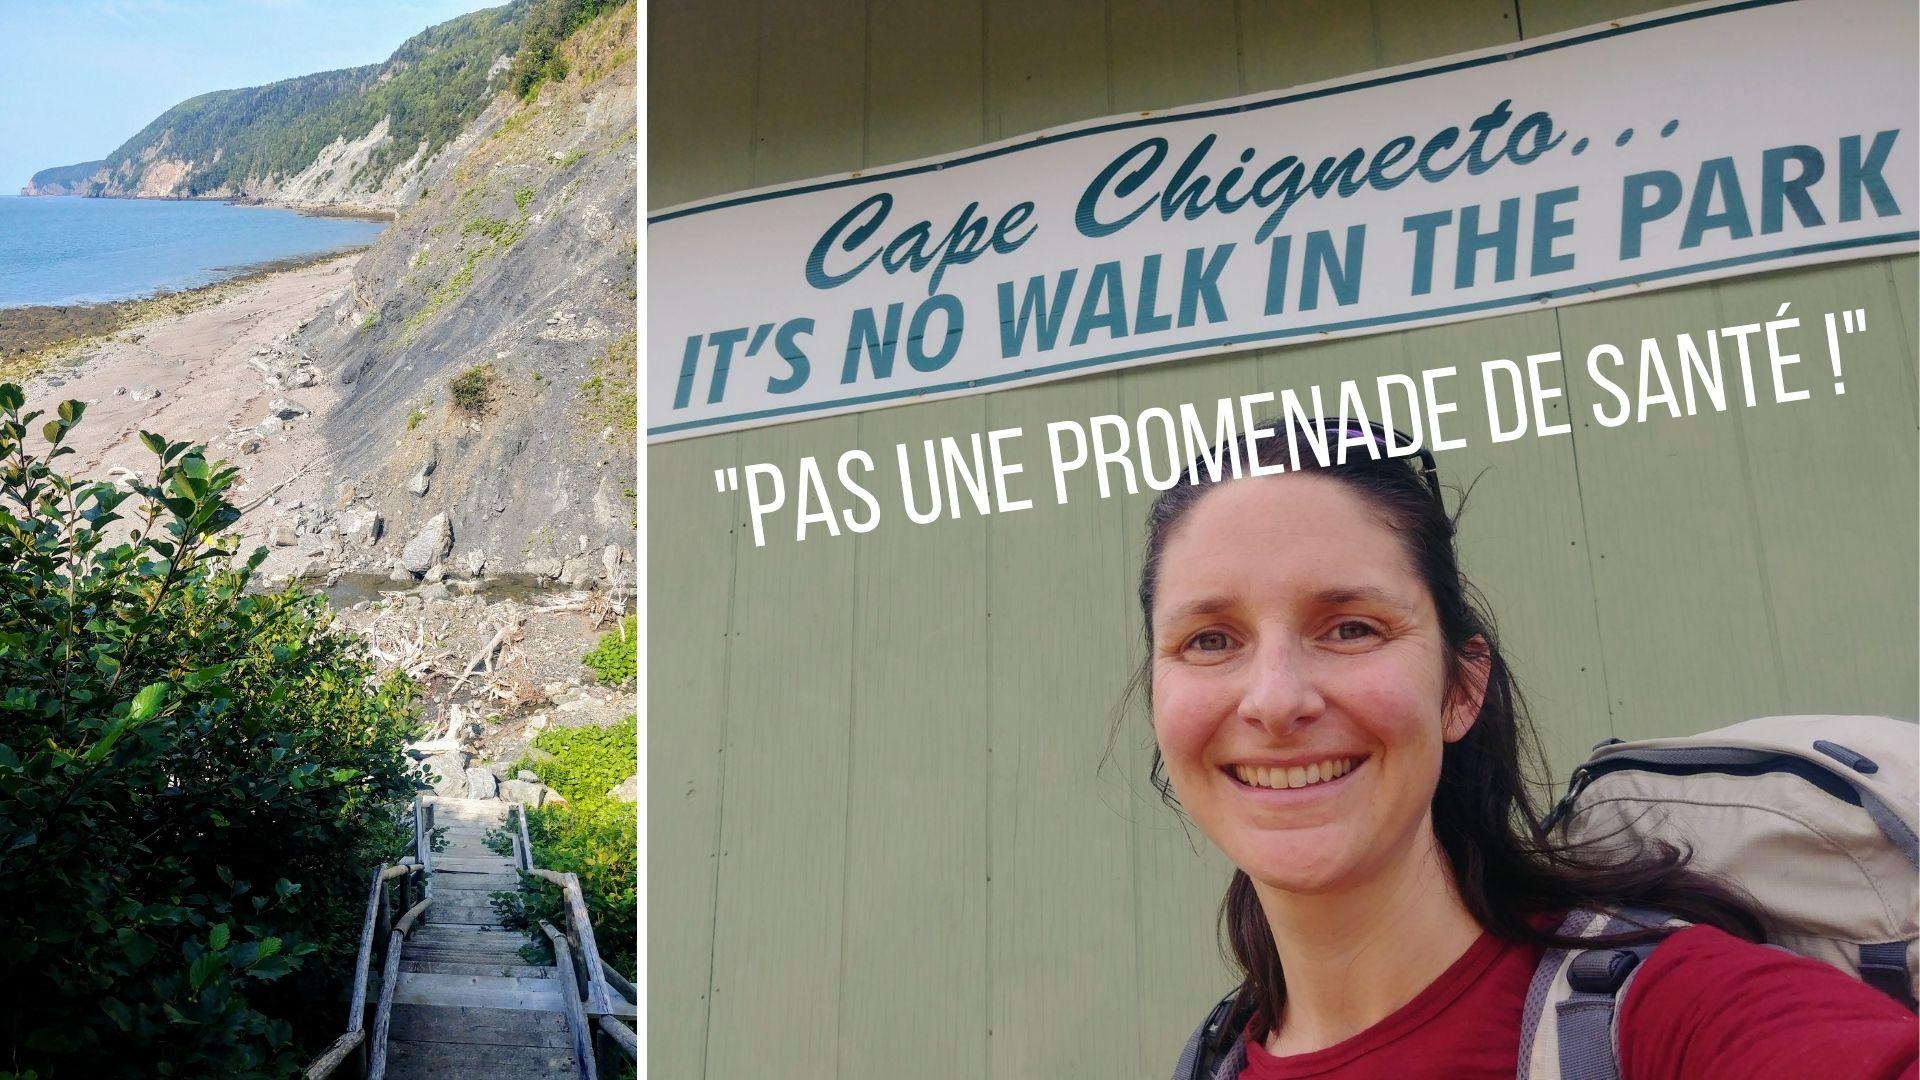 Randonnée solo parc provincial sentier Cap Chignecto Nouvelle-Écosse Canada - Eatonville